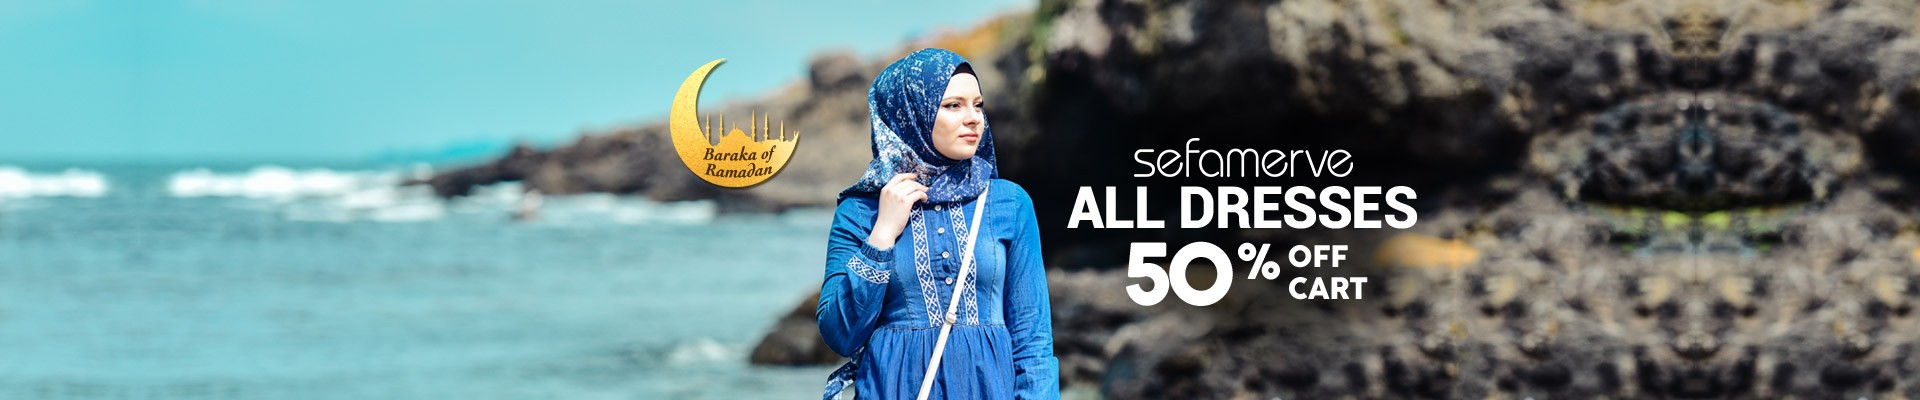 50% Off Cart on All Sefamerve Dresses